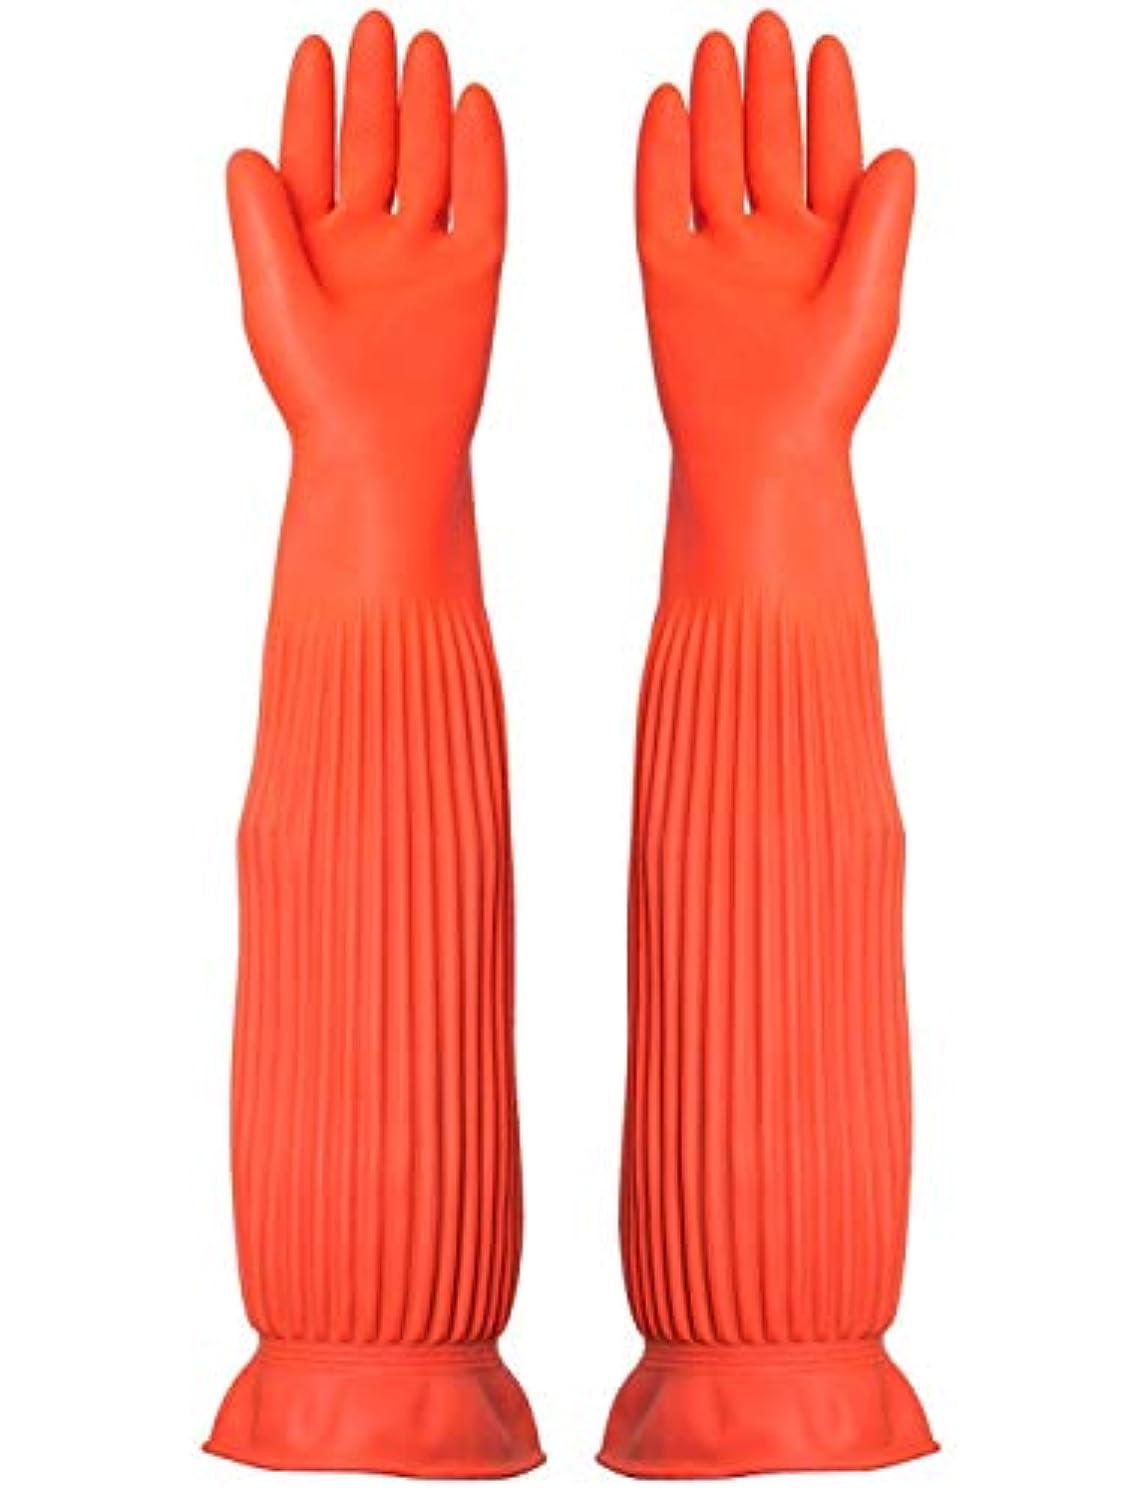 独立した仮定、想定。推測第ニトリルゴム手袋 労働保険手袋長い防水ゴム厚の耐摩耗性ゴム手袋、1ペア 使い捨て手袋 (Color : ORANGE, Size : M)